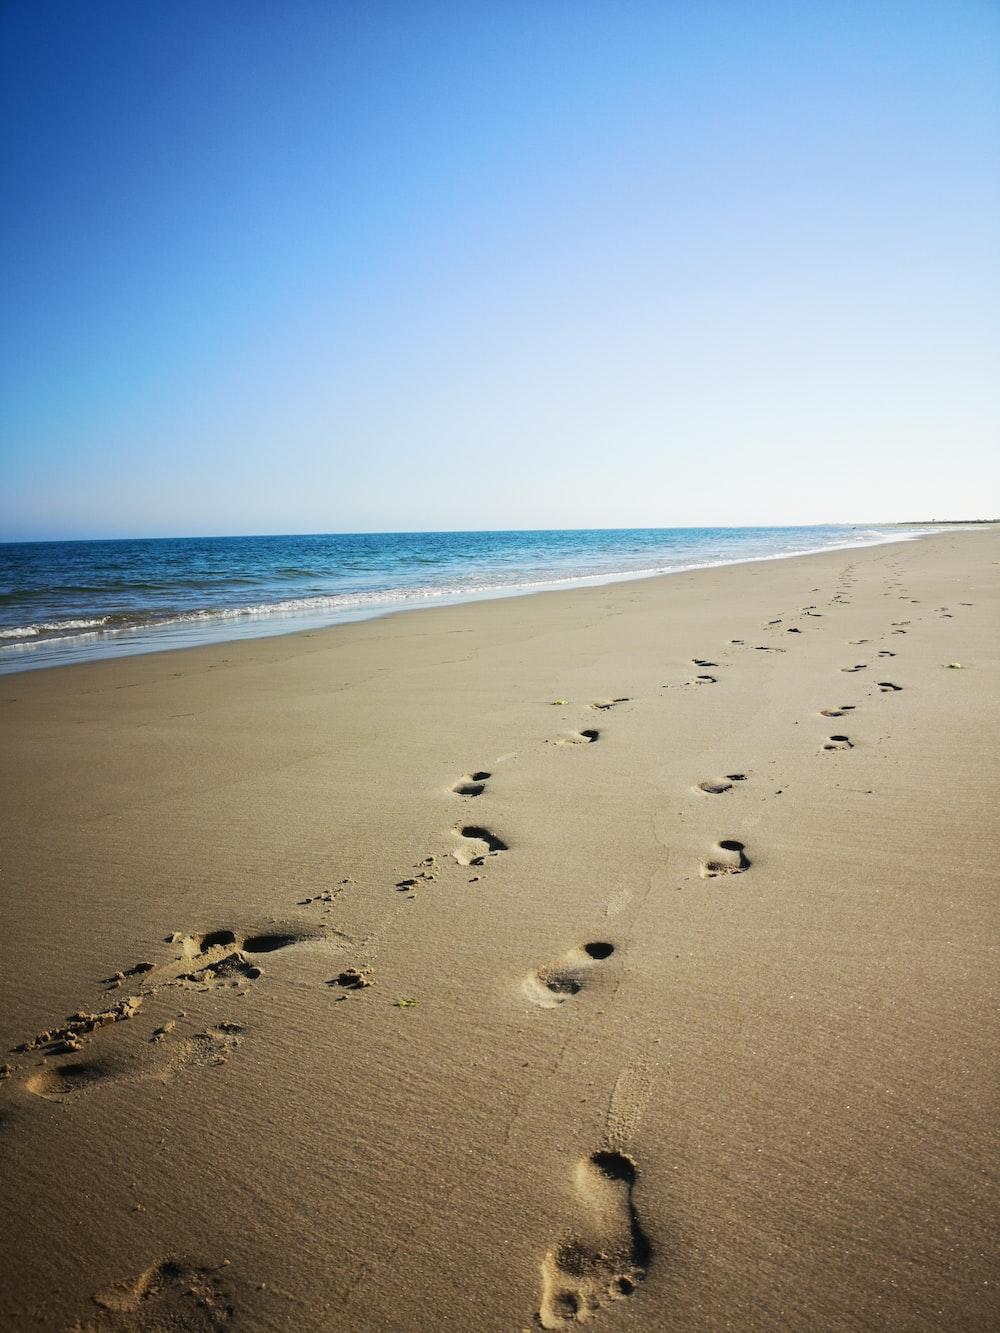 footprints in asnd